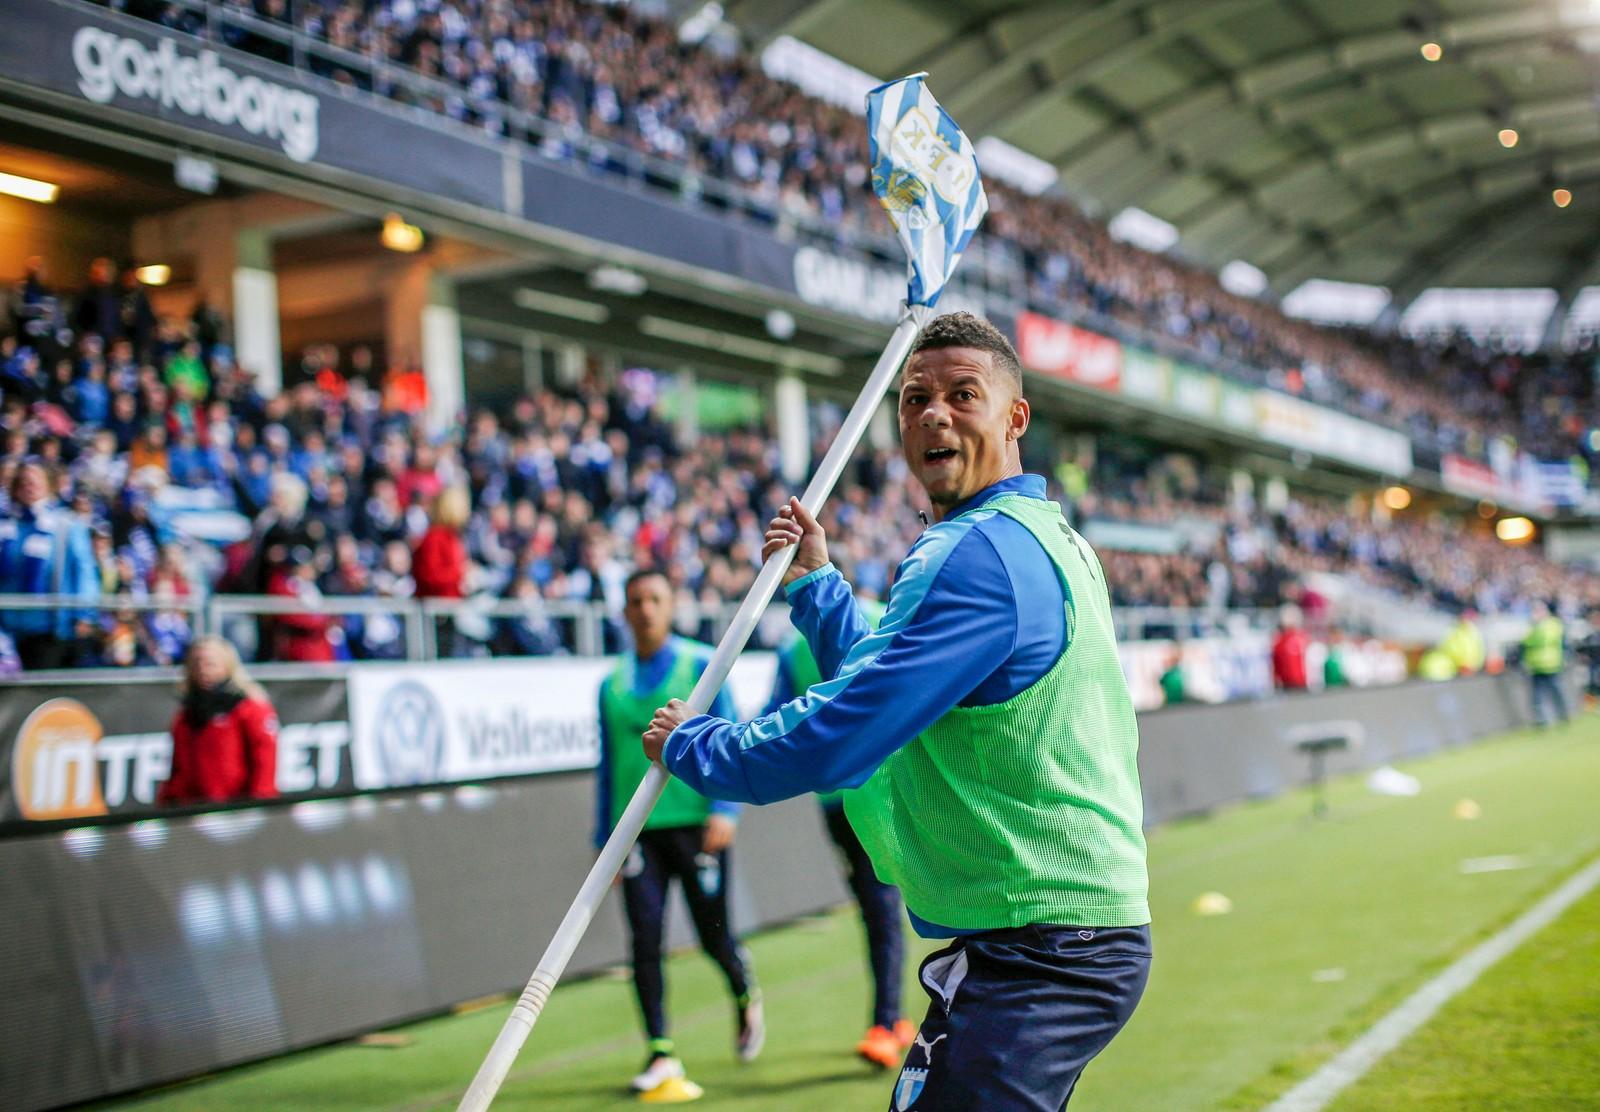 Malmö-spiller Tobias Sana kastet cornerflagget opp på tribunen etter at det ble kastet en kinaputt mot ham da han varmet opp under kampen mellom IFK Göteborg og Malmö onsdag. I samme kamp løp den norske ishockeyspilleren Mats Rosseli Olsen ut på banen og sparket ballen i mål. Kampen ble avblåst da det var rundt et kvarter igjen.